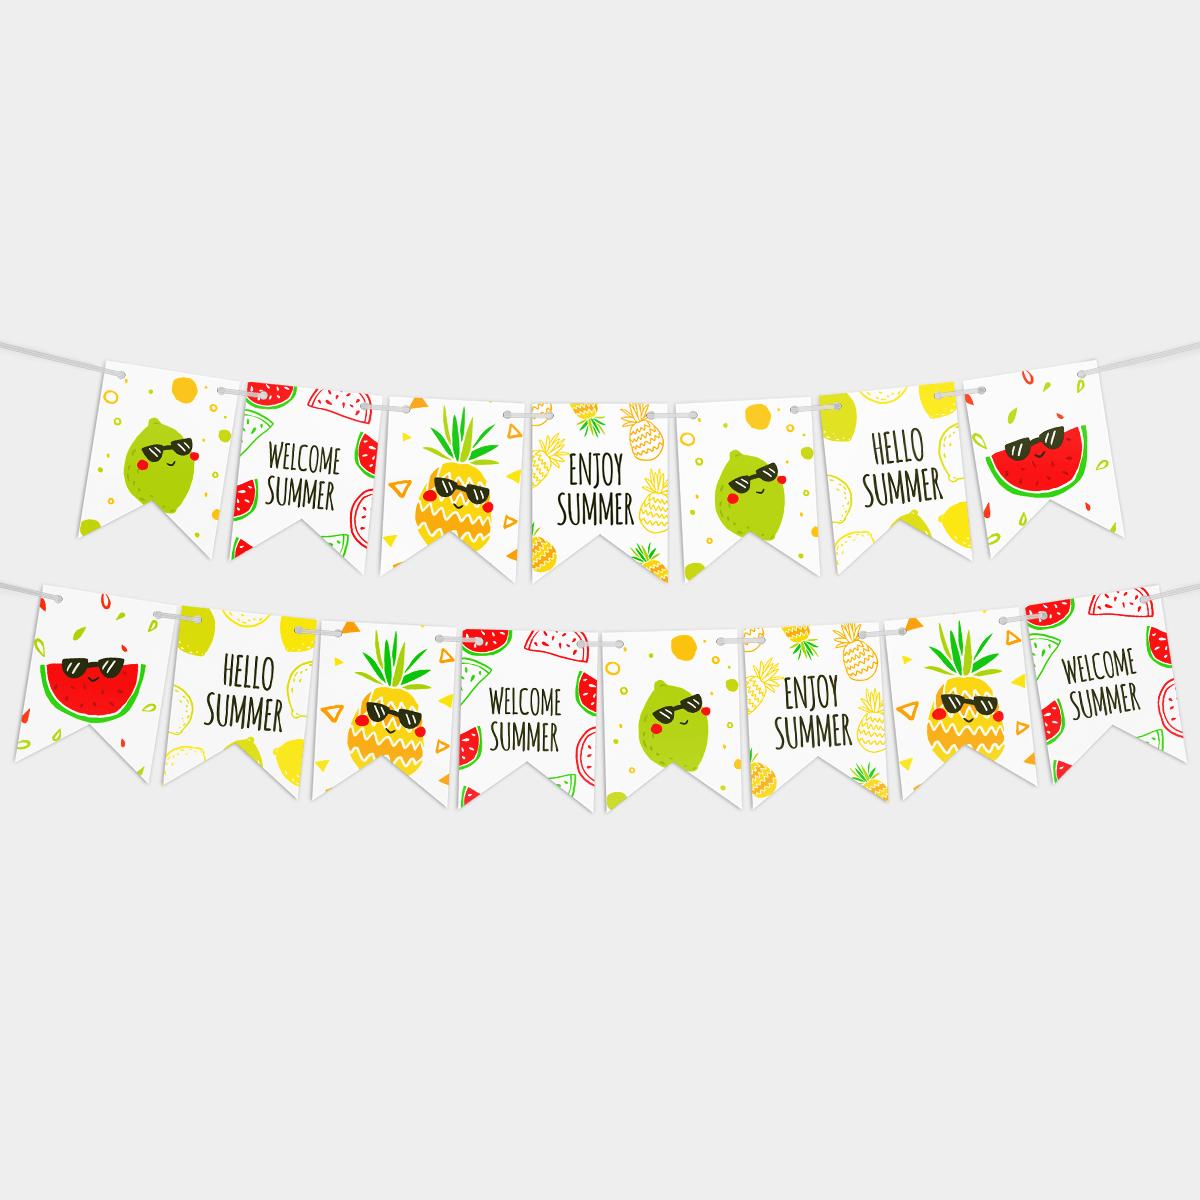 Праздничная гирлянда на день рождения Лето 14 флажков